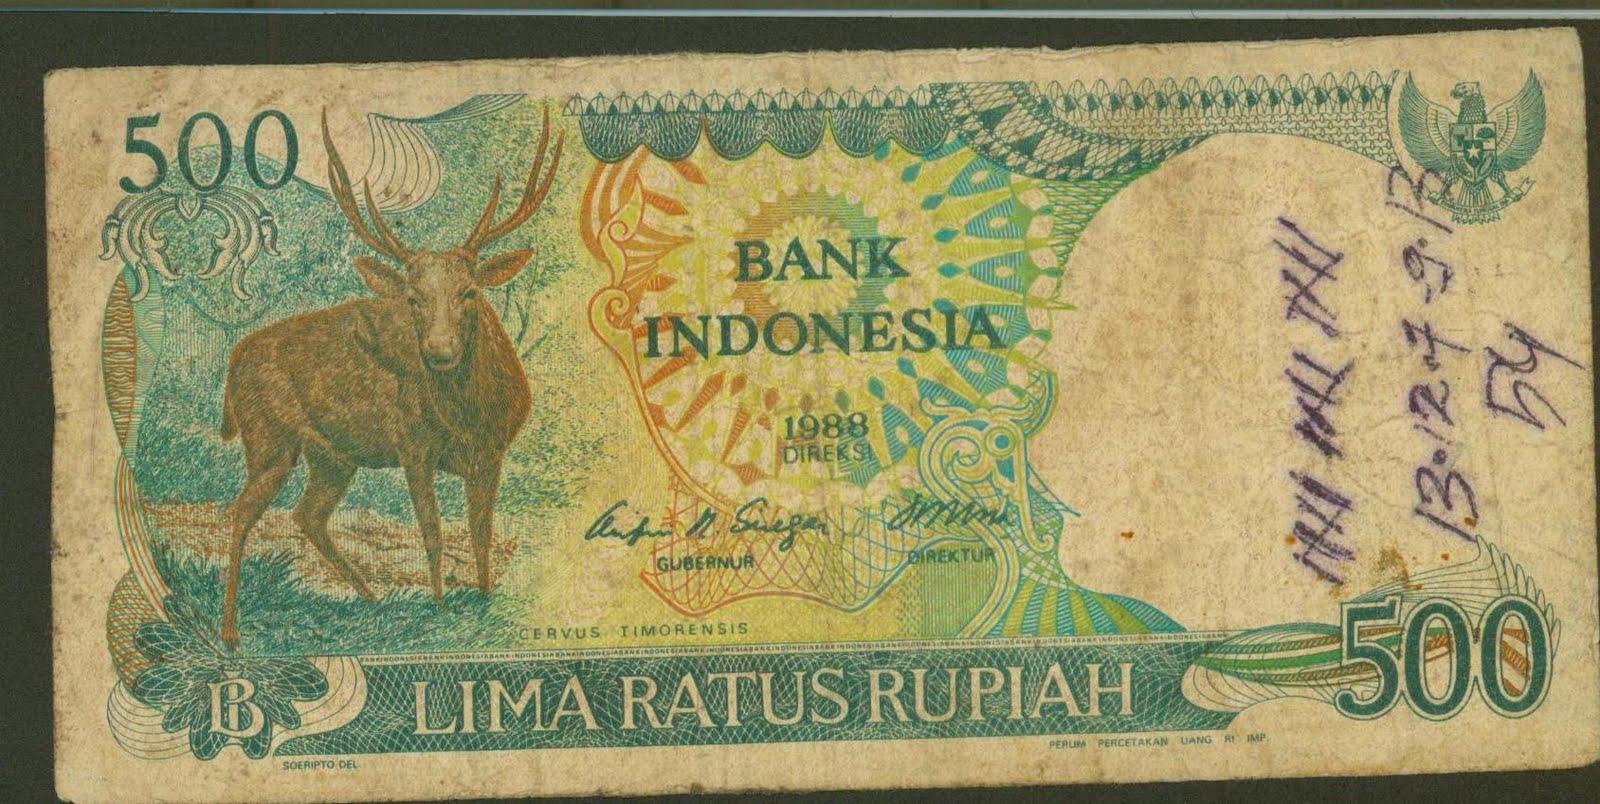 Bagian depan uang kertas lama Indonesia ini bergambar Rusa ( Cervus